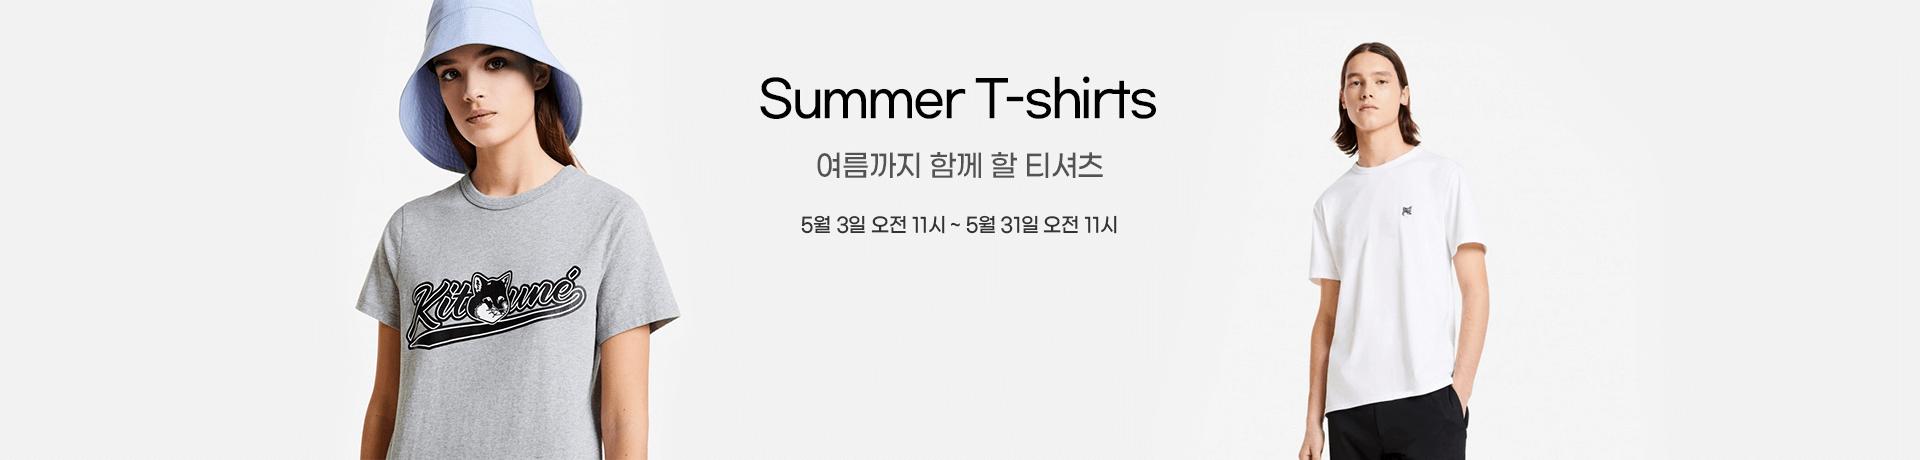 210503_yh_summer_t-shirts_pc_f2f2f2